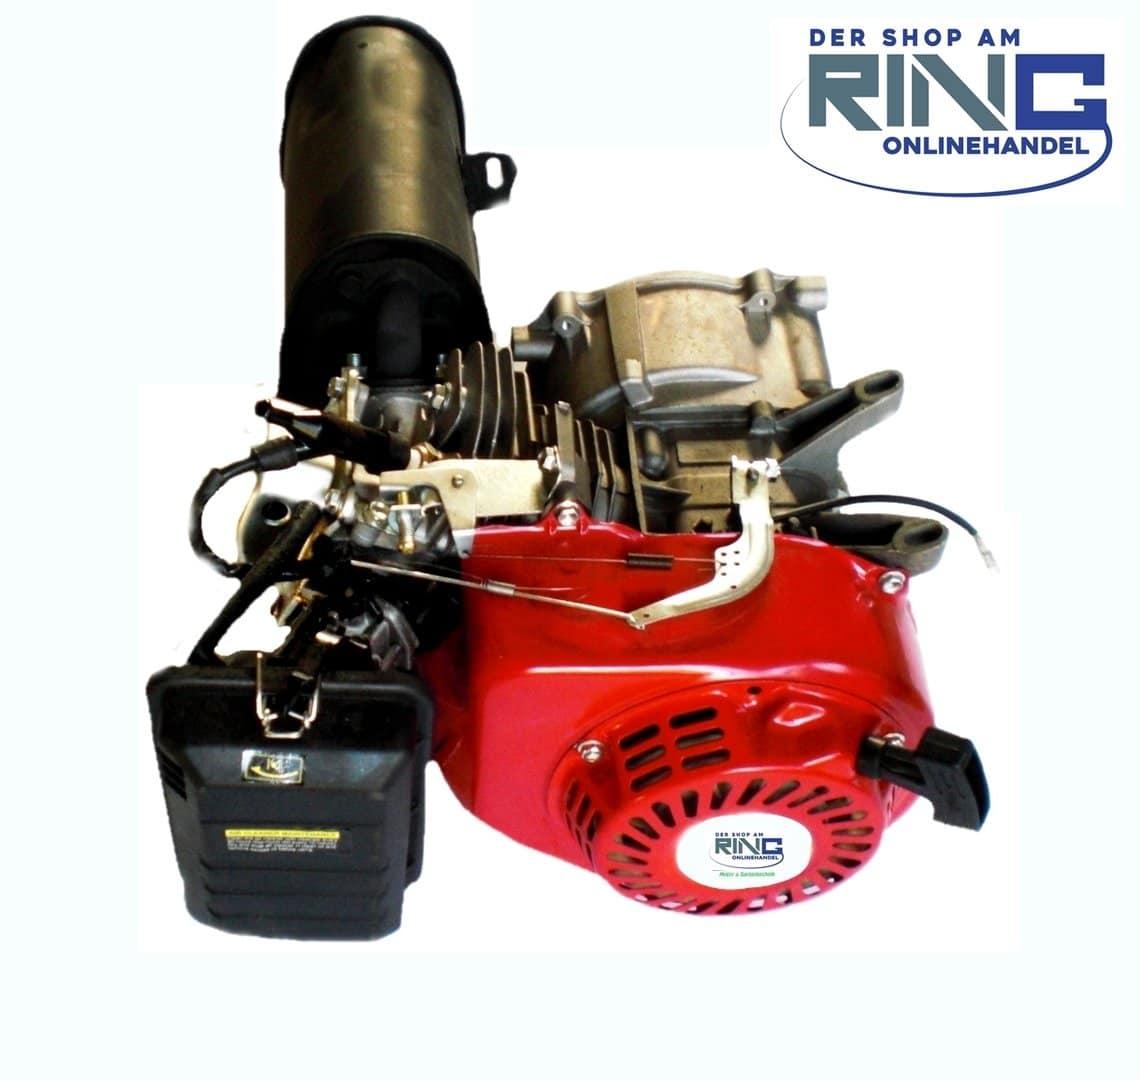 benzinmotor motor 4 takt 196 ccm 6 5 ps kart stromerzeuger generator der shop am ring. Black Bedroom Furniture Sets. Home Design Ideas